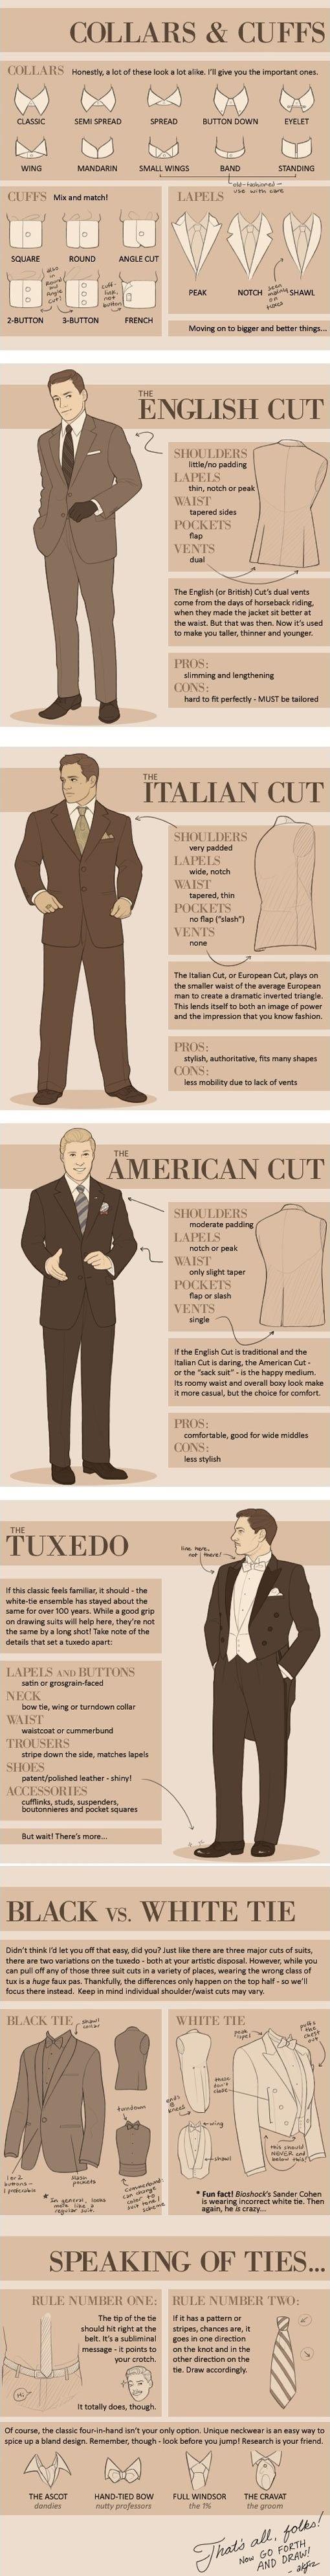 How to dress like a sir.